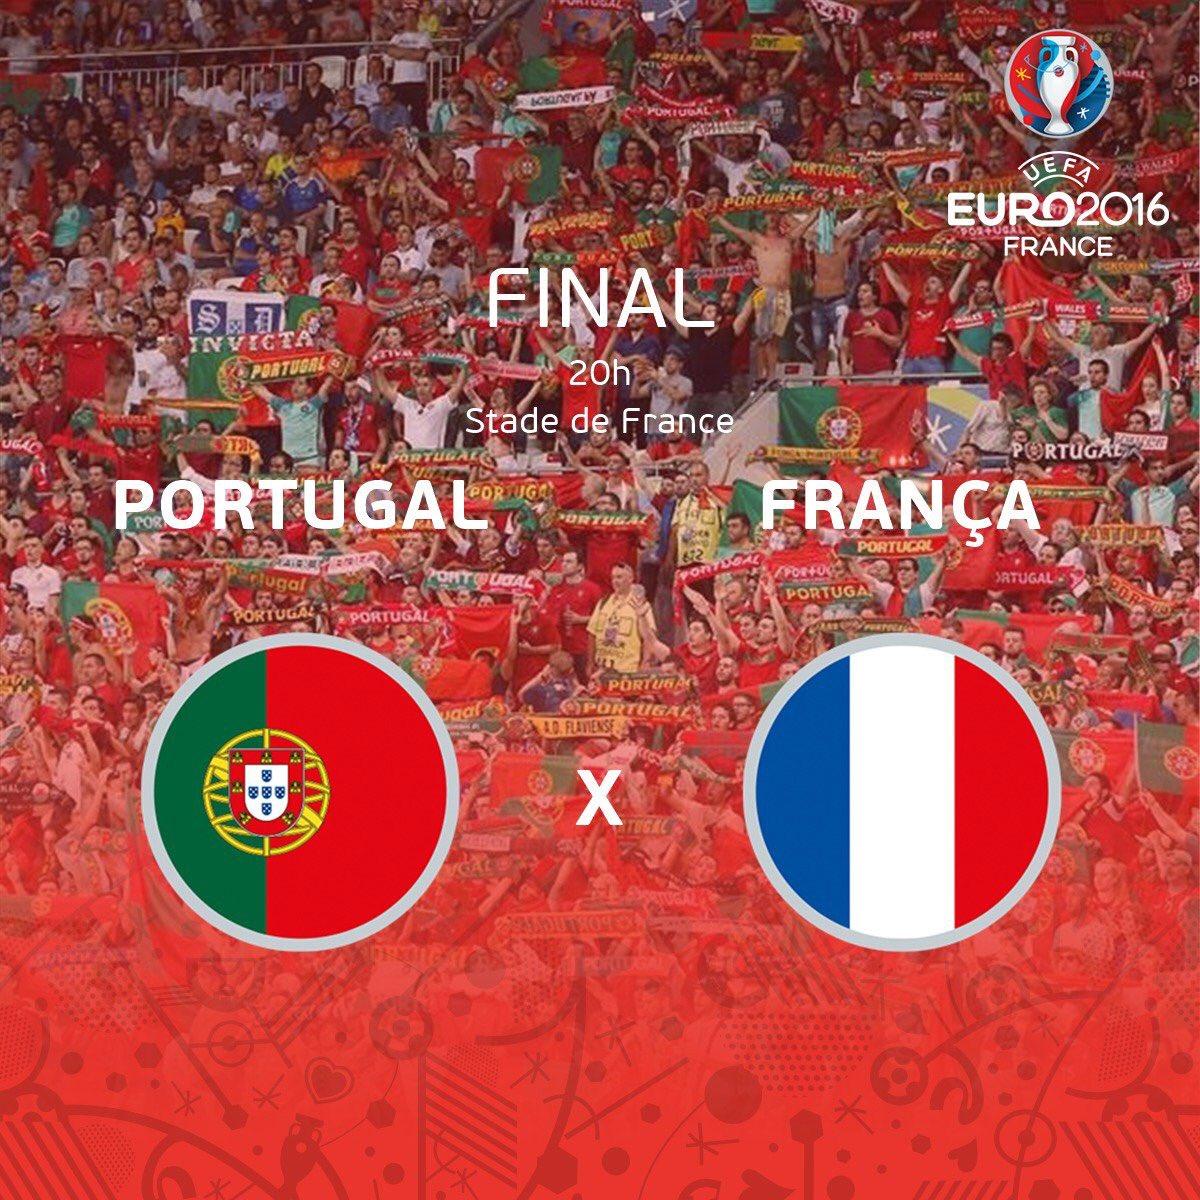 PORTOGALLO FRANCIA : orario Diretta TV Streaming calcio gratis oggi 10 luglio Finale EURO 2016